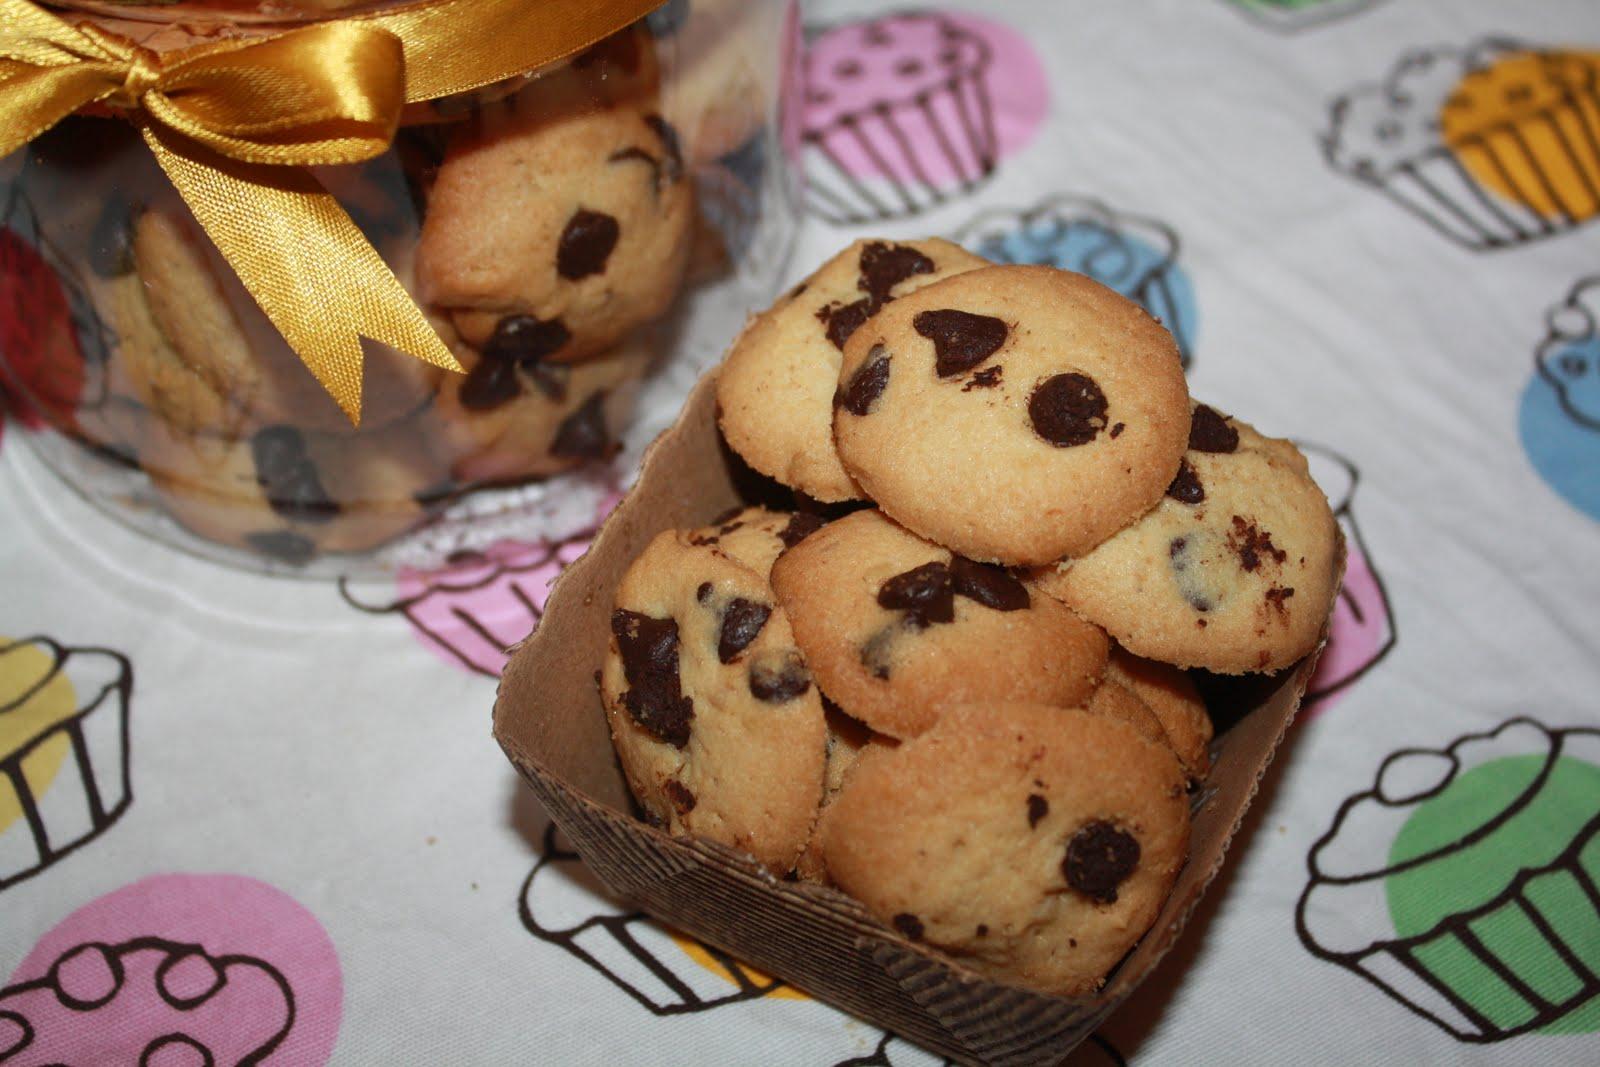 cek mek zue: Raya cookies